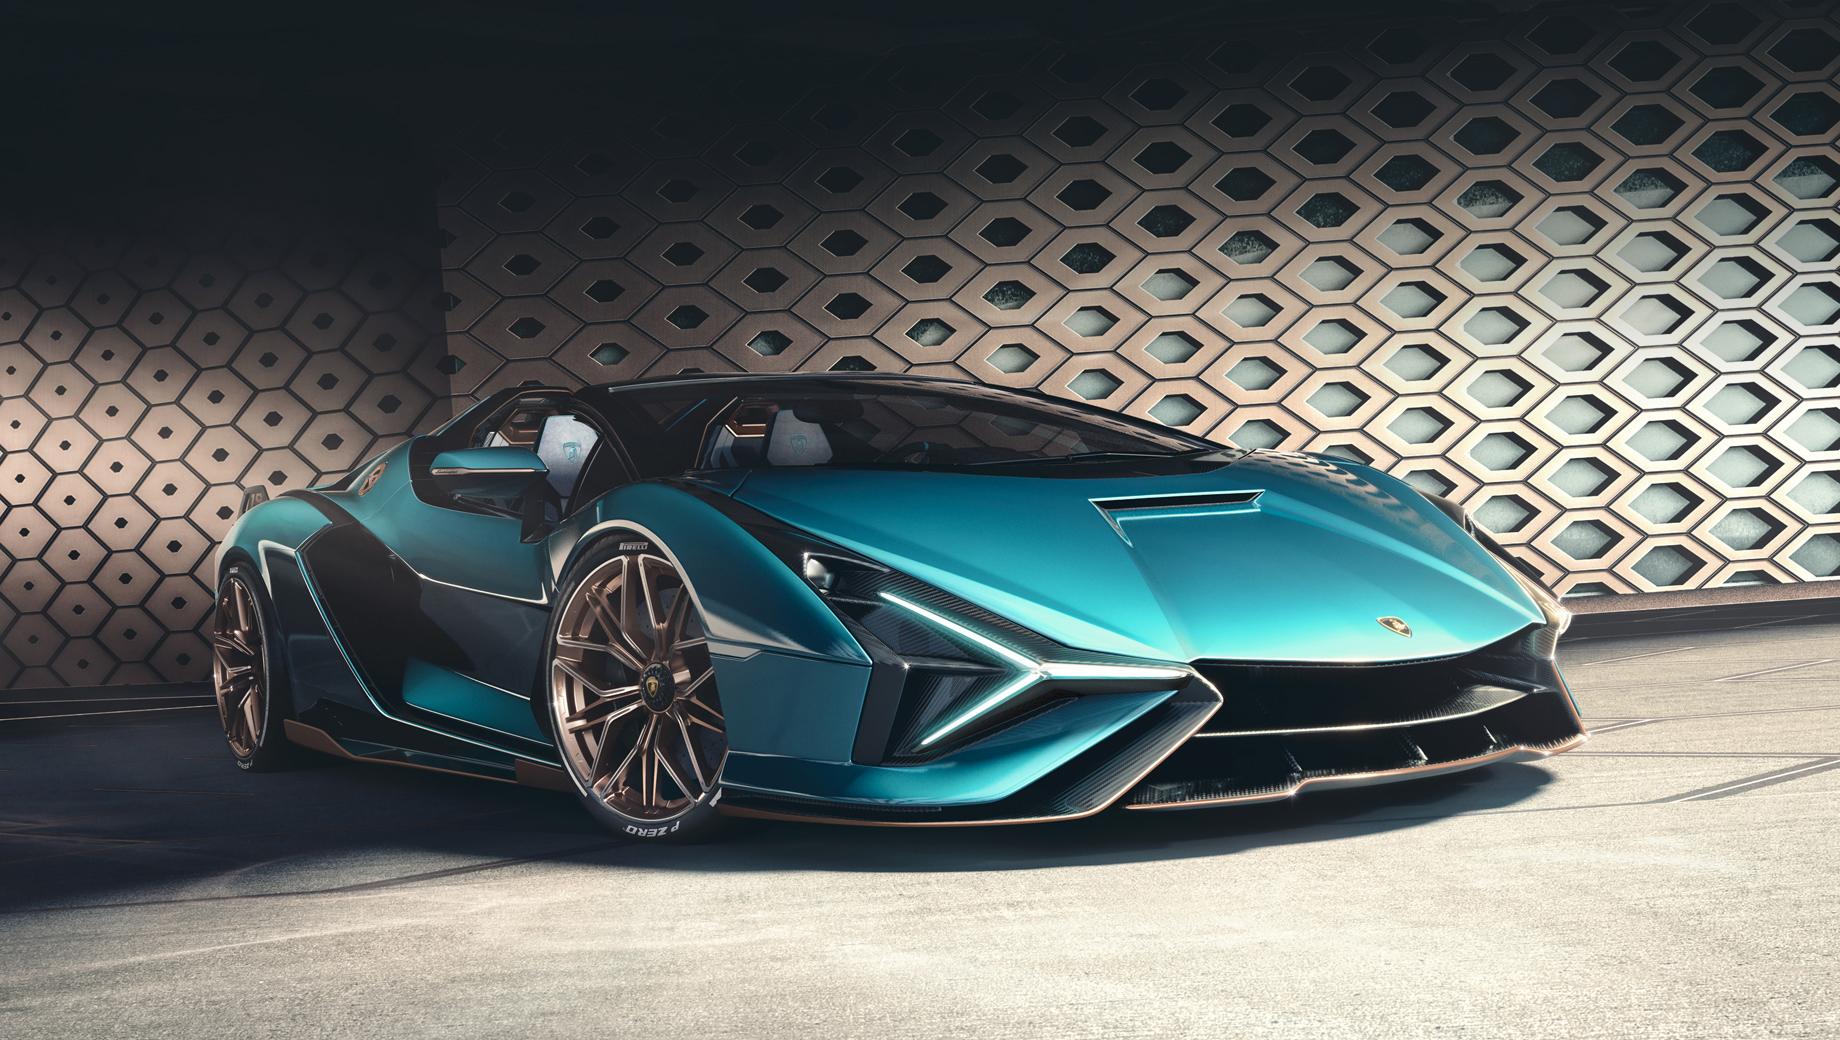 Компания Lamborghini представила план электрификации моделей